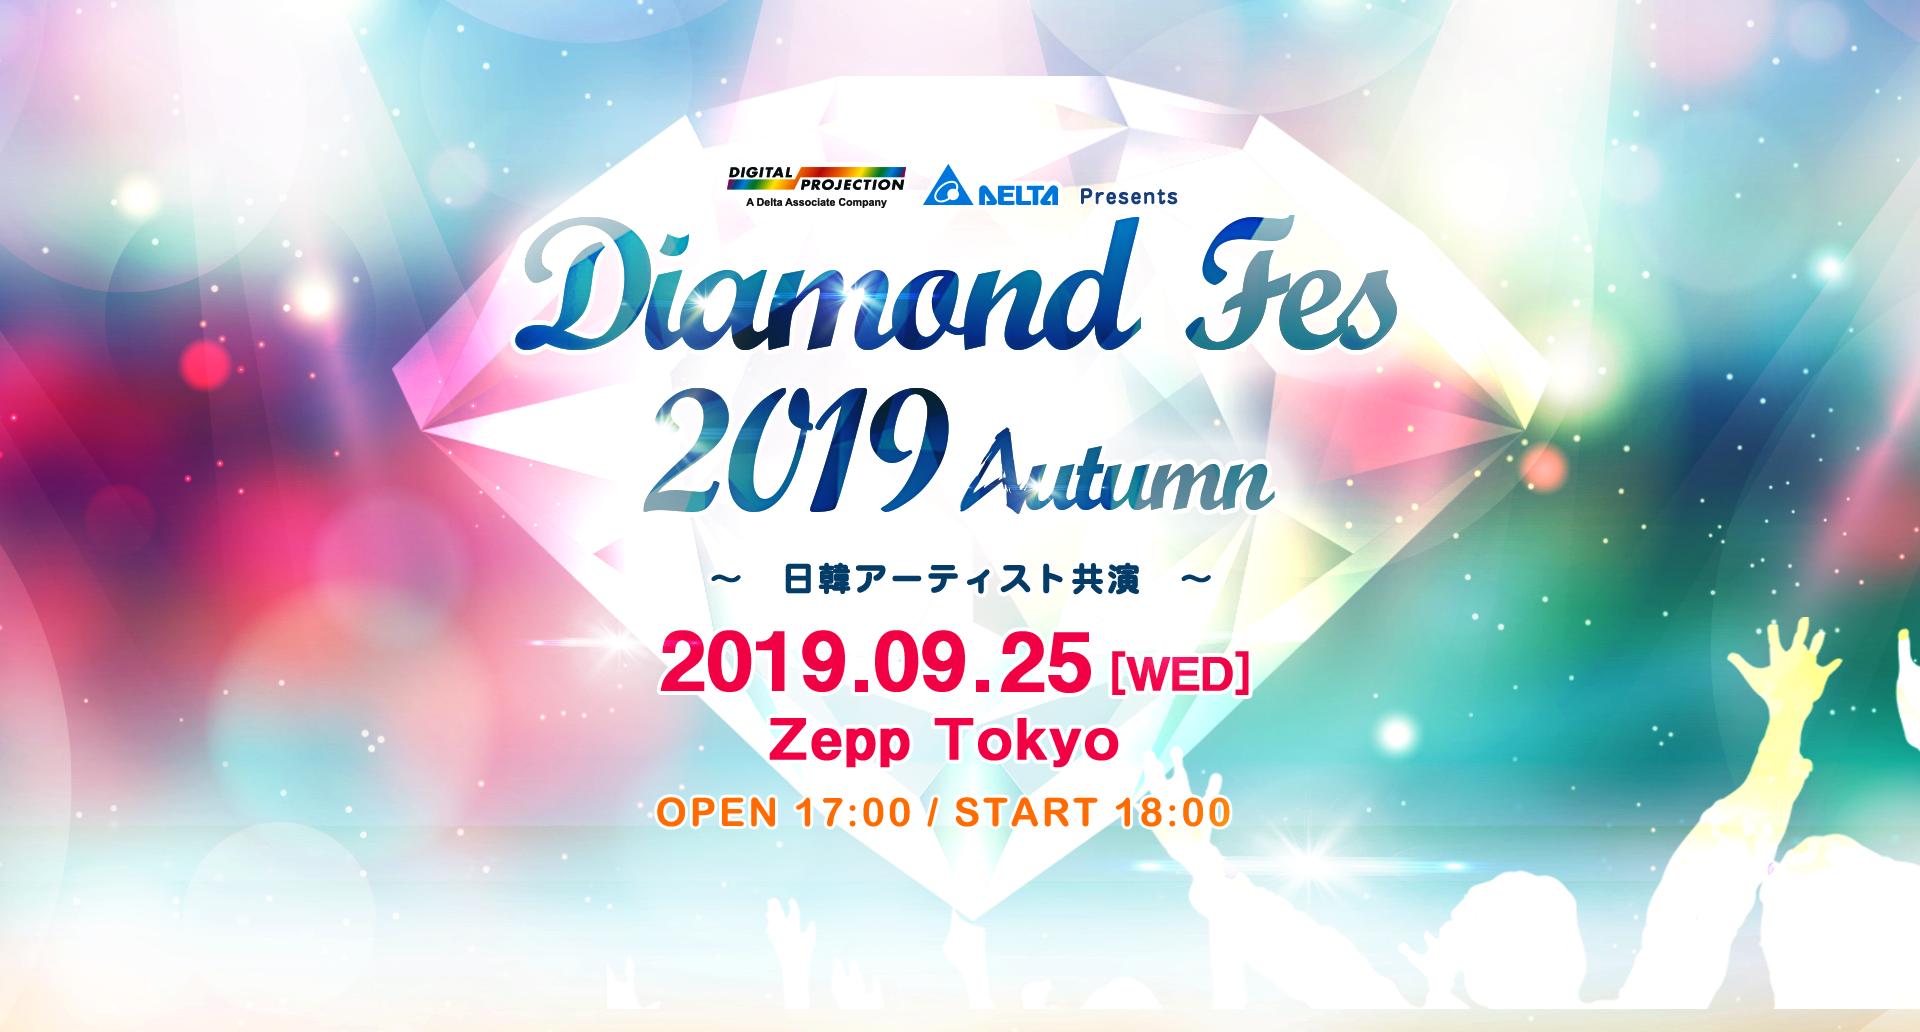 デルタ電子 Presents DIAMOND Fes 2019 Autumn 〜日韓アーティスト共演〜